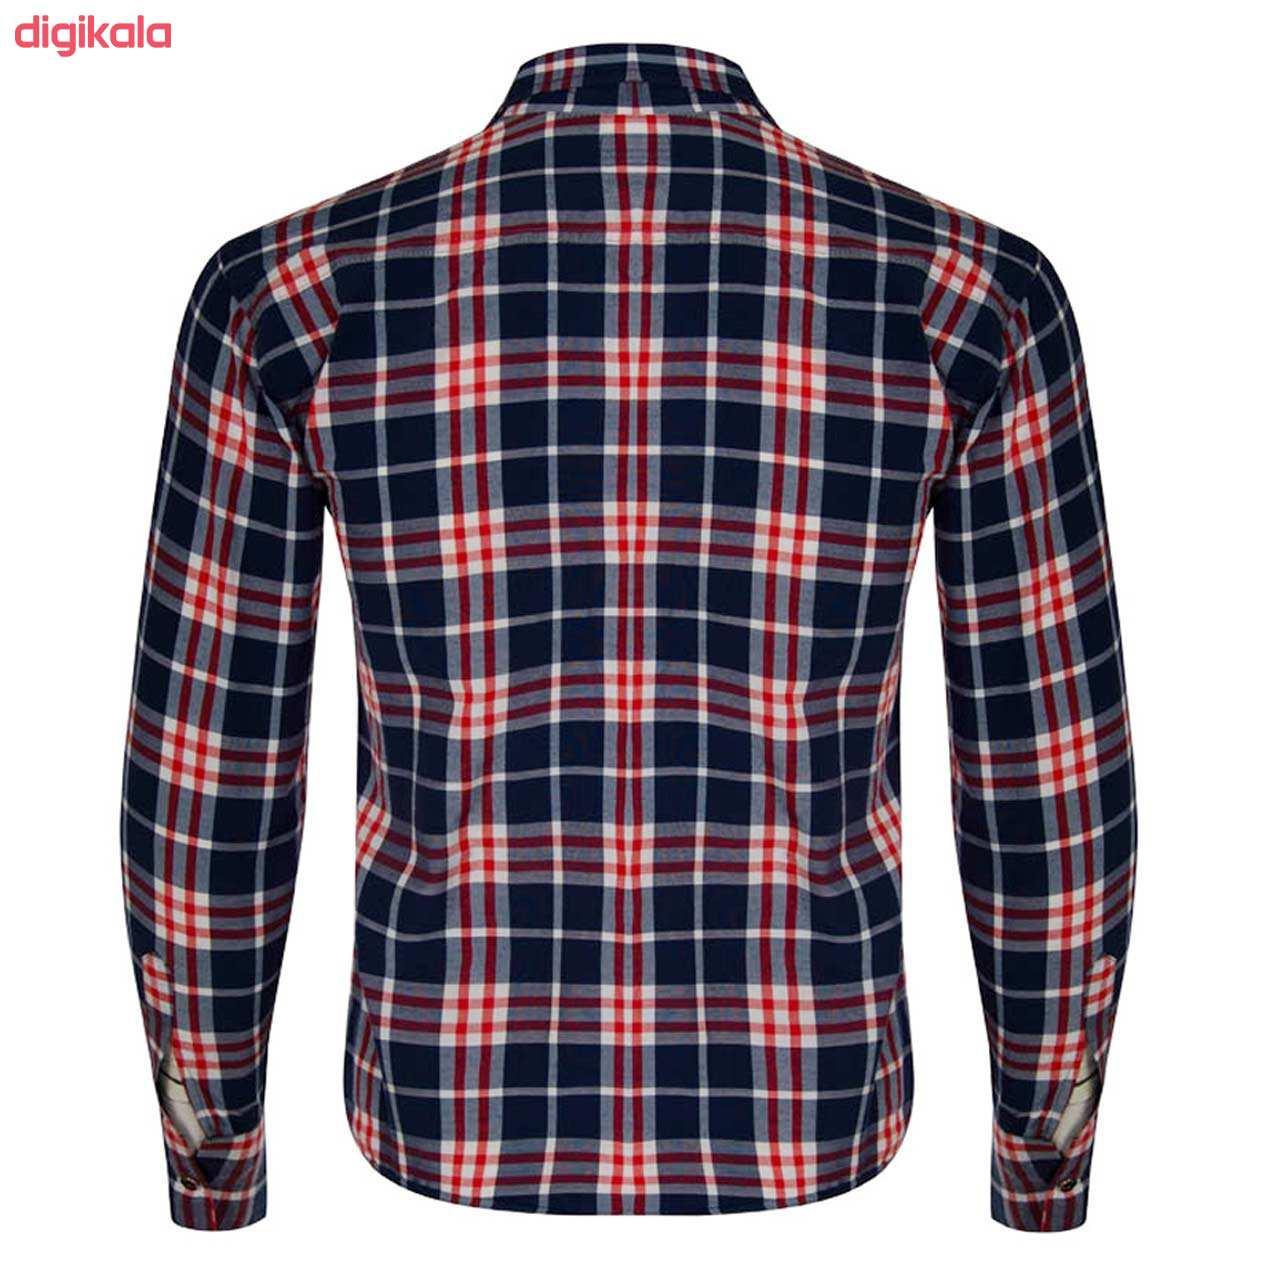 پیراهن مردانه کد 230000405 main 1 2